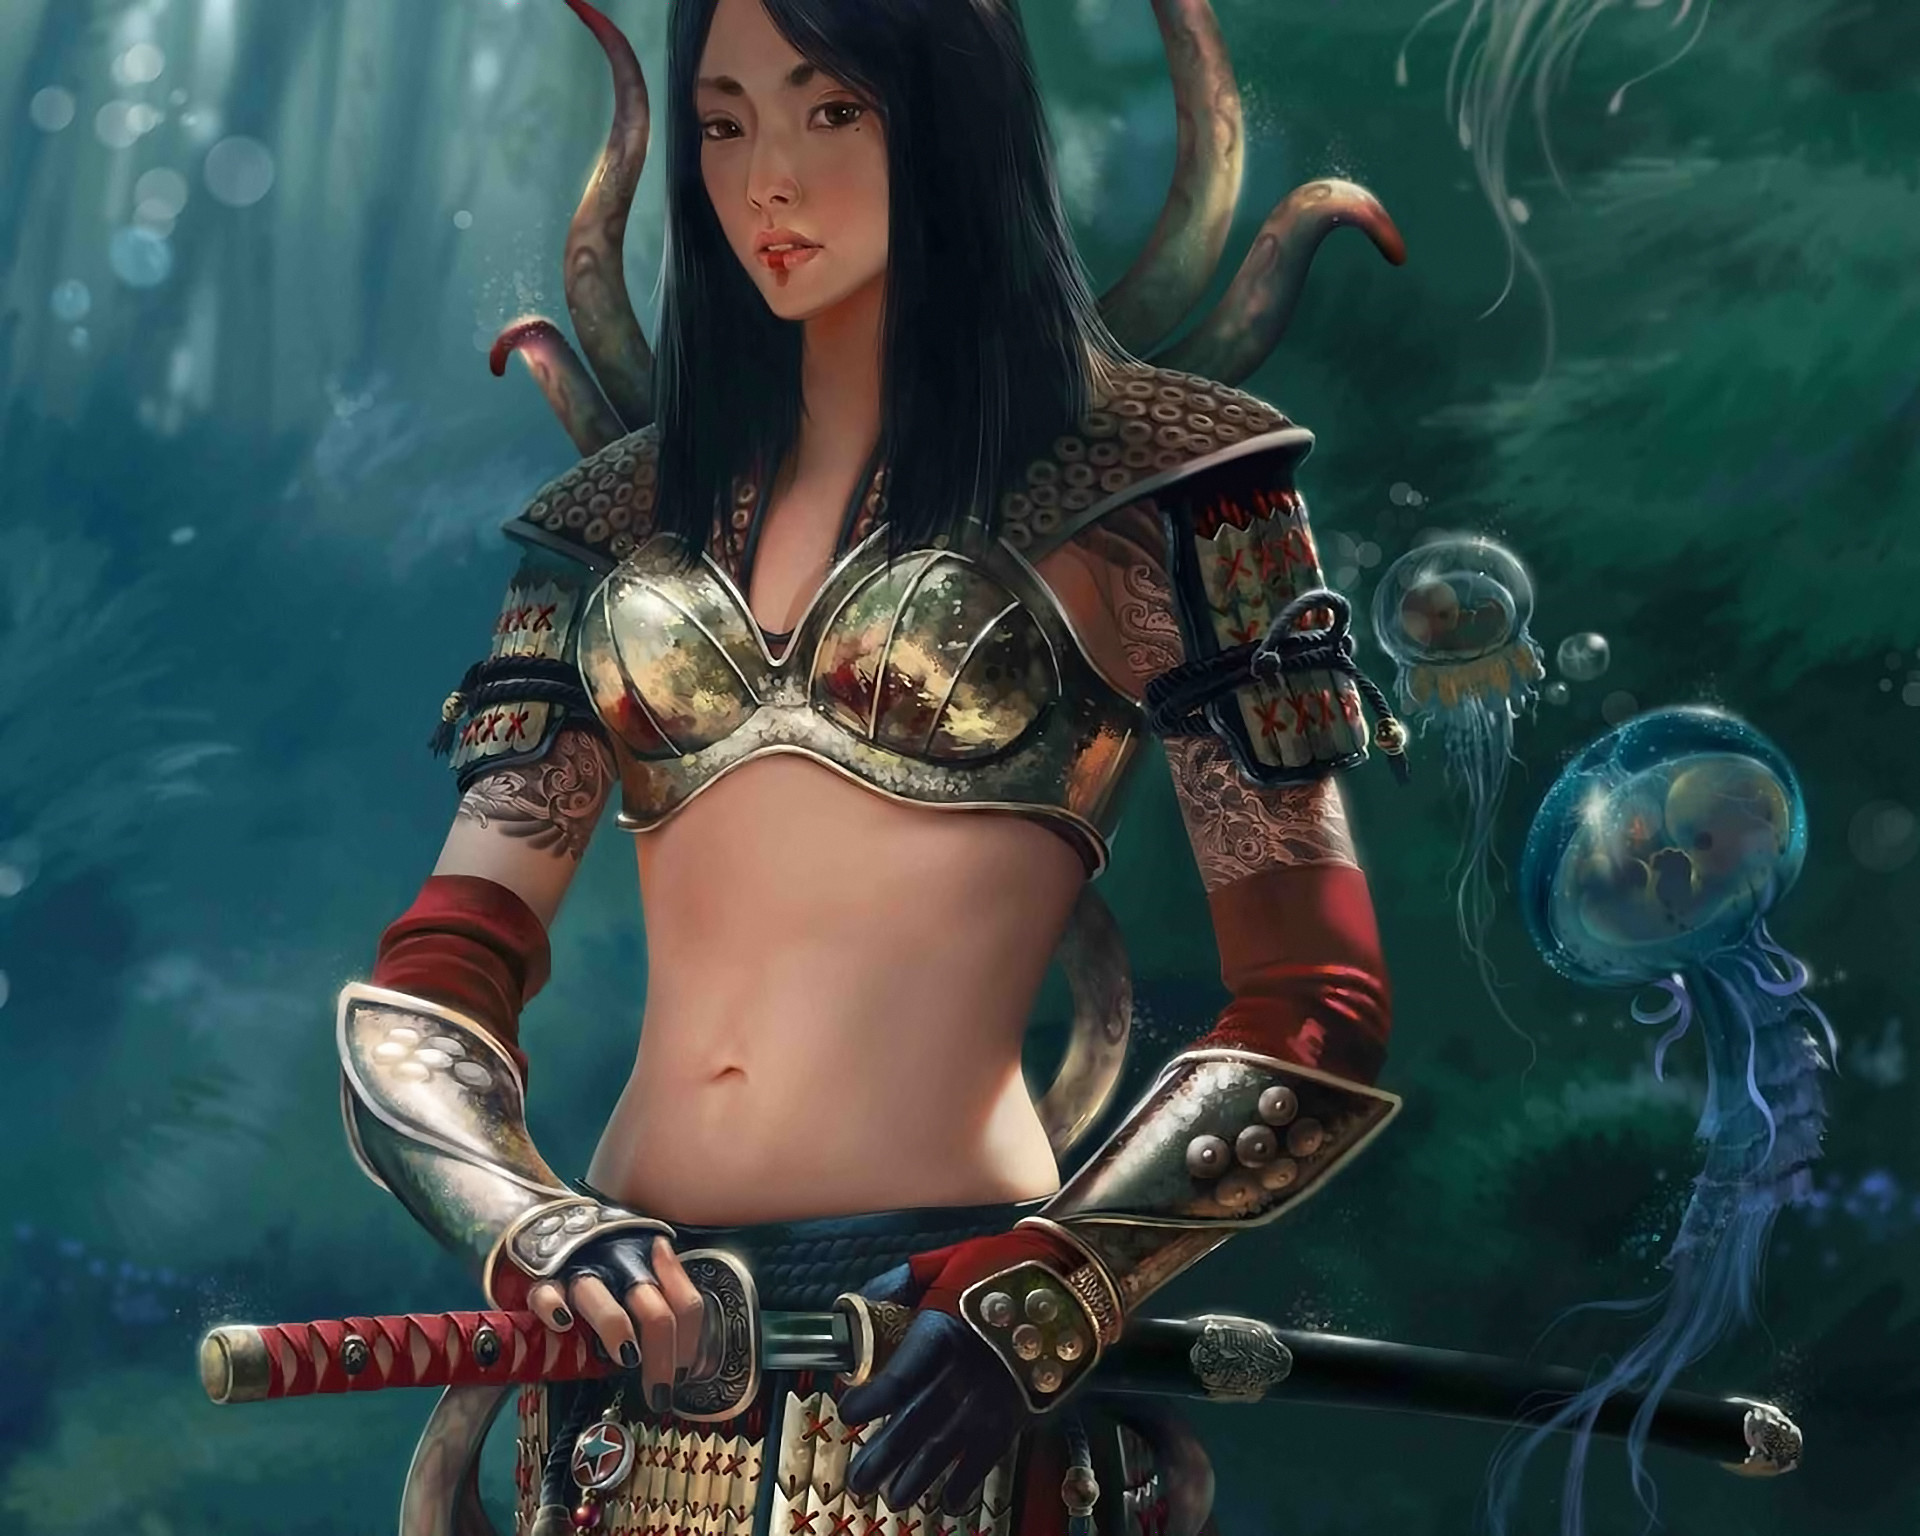 Female Anime Samurai Wallpaper 65 Images